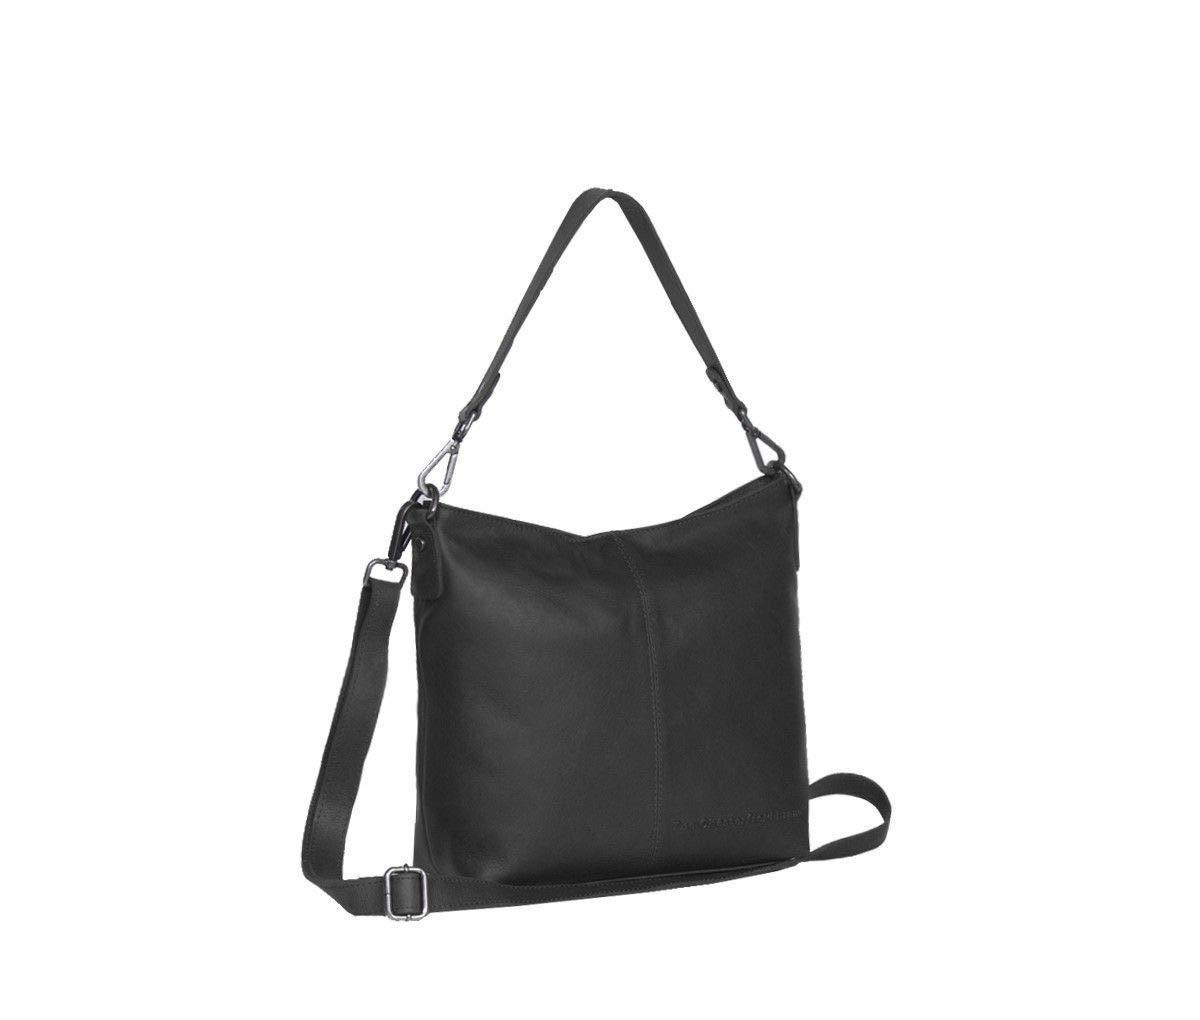 The Chesterfield Brand Handtaschen Taschen C48.0893 Schwarz NvsfJ